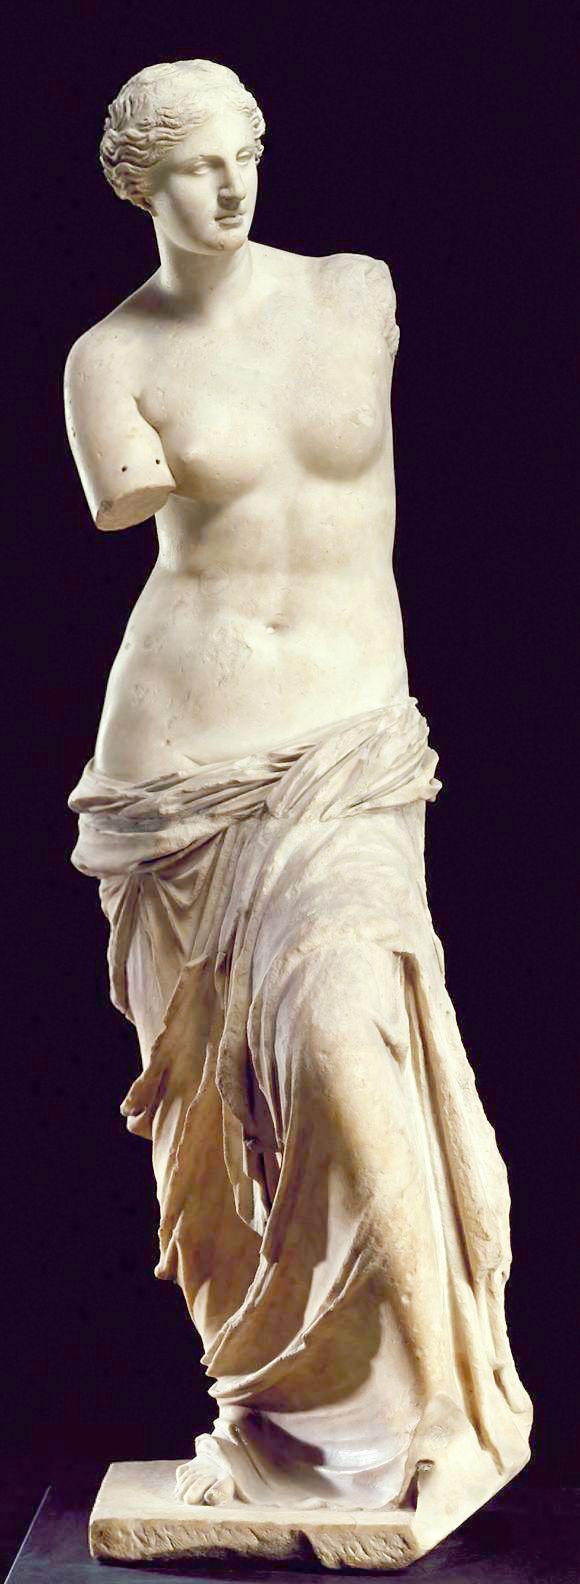 PERIODO HELENÍSTICO. Venus de Milo. Una de las estatuas más representativas del período helenístico. Creada en algún momento entre los años 130 a. C. y 100 a. C. Louvre.